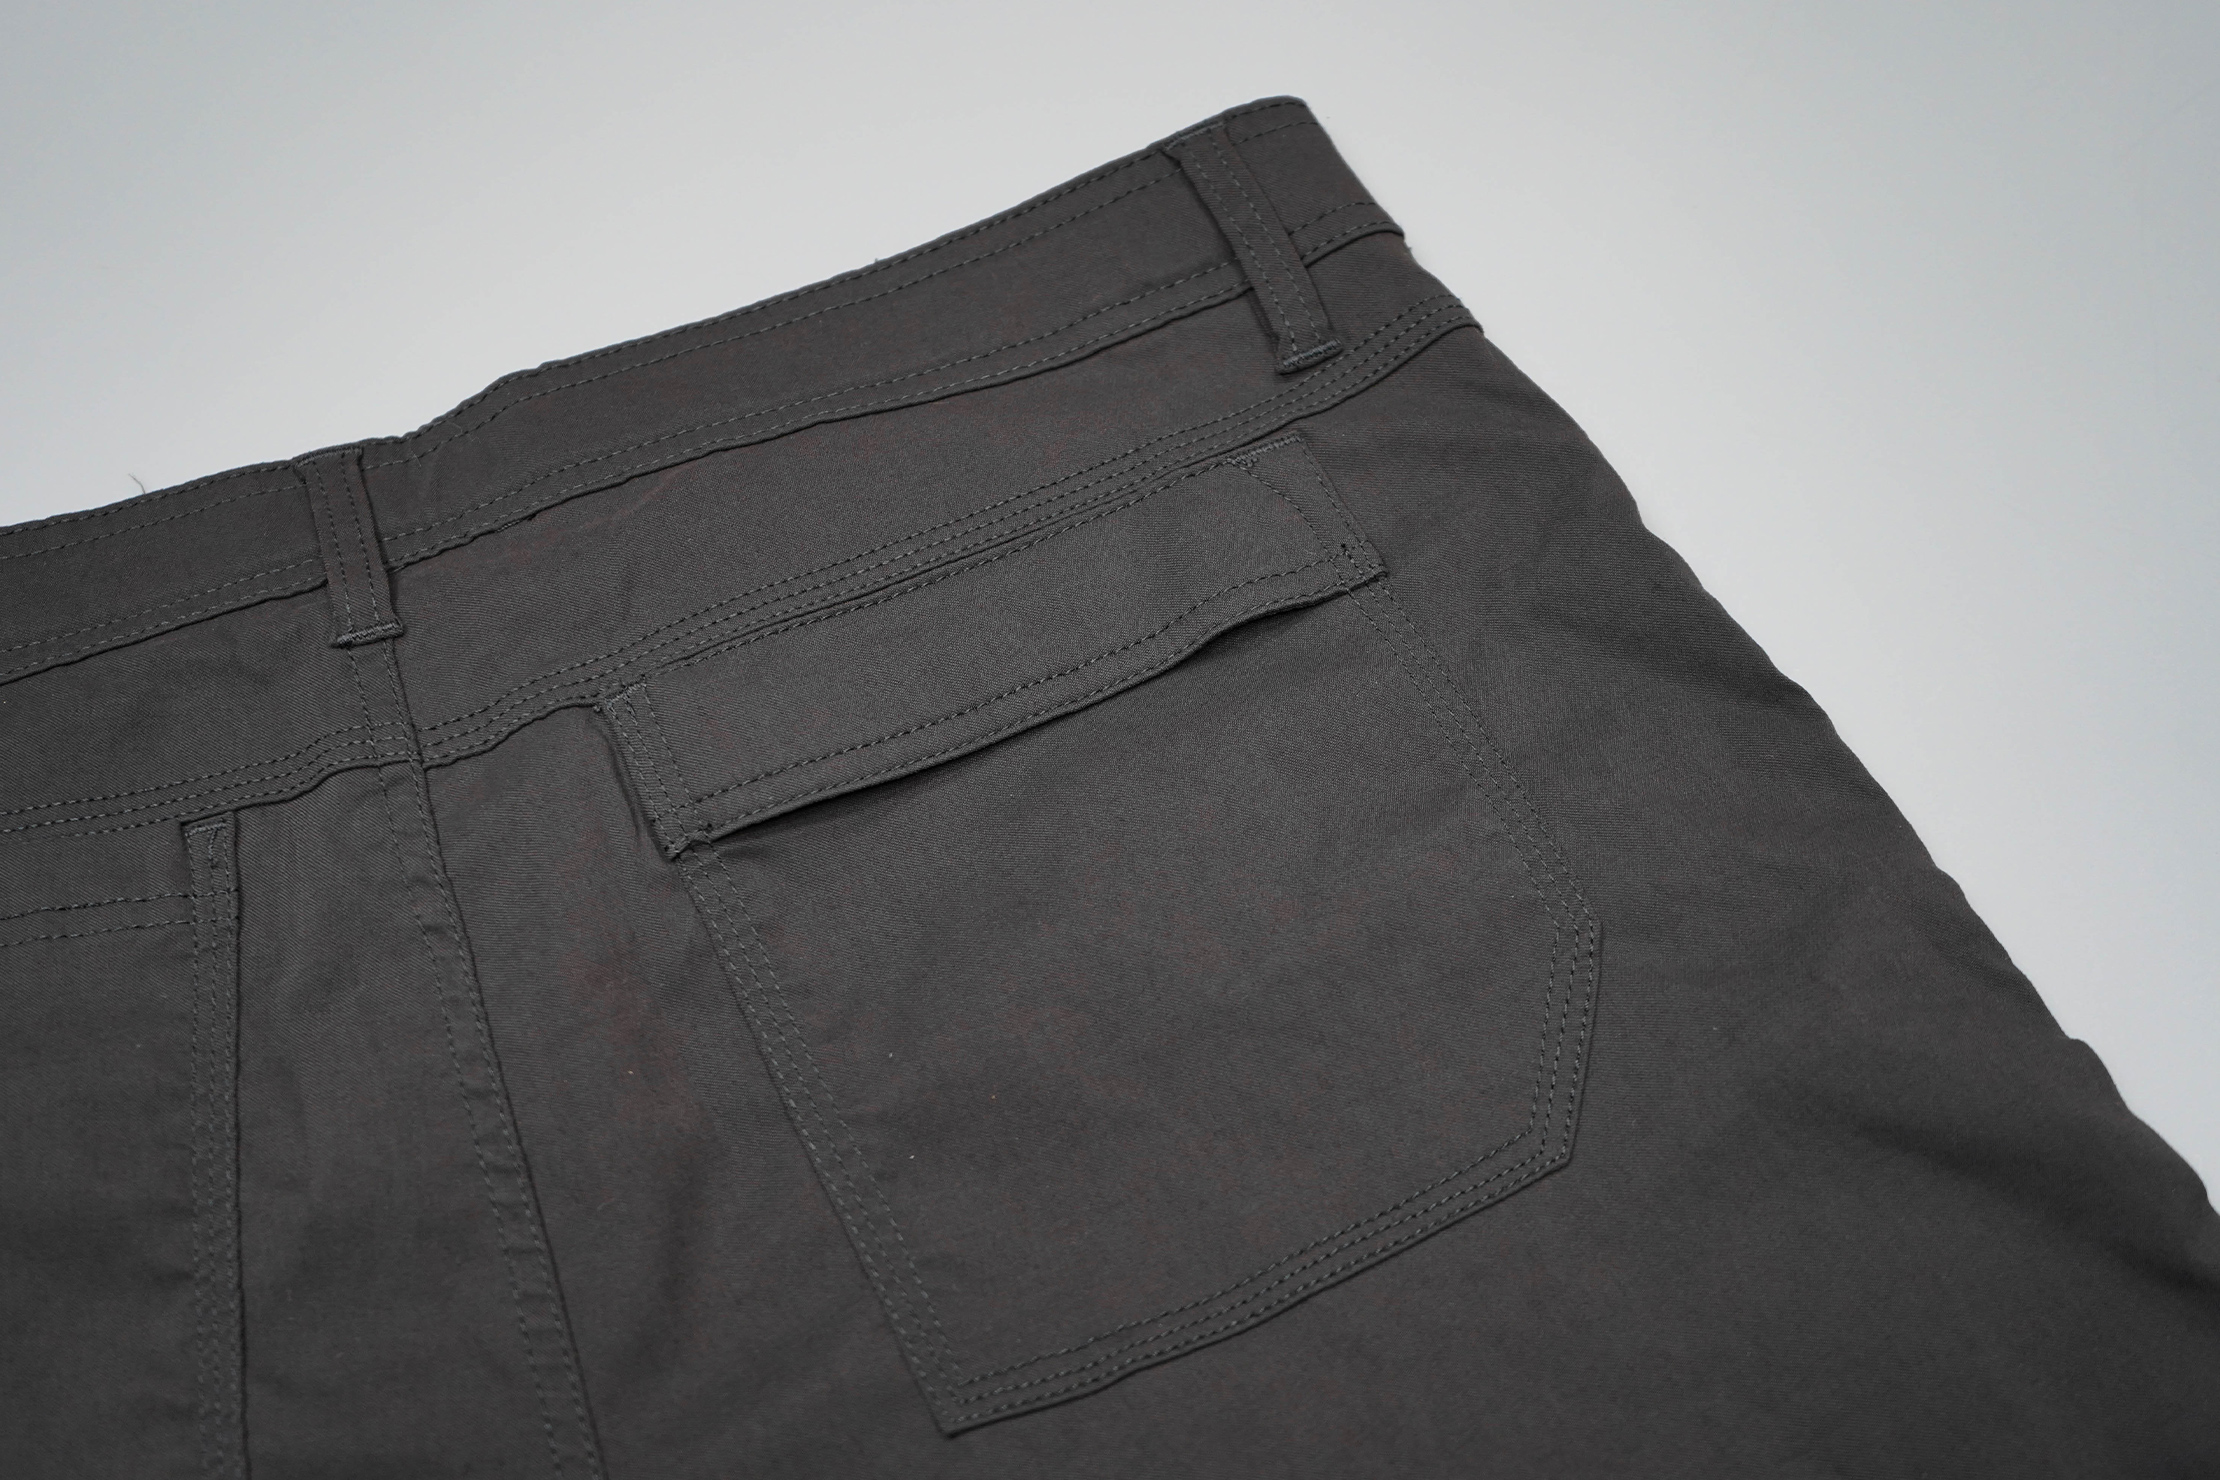 prAna Stretch Zion Pant Back Pocket